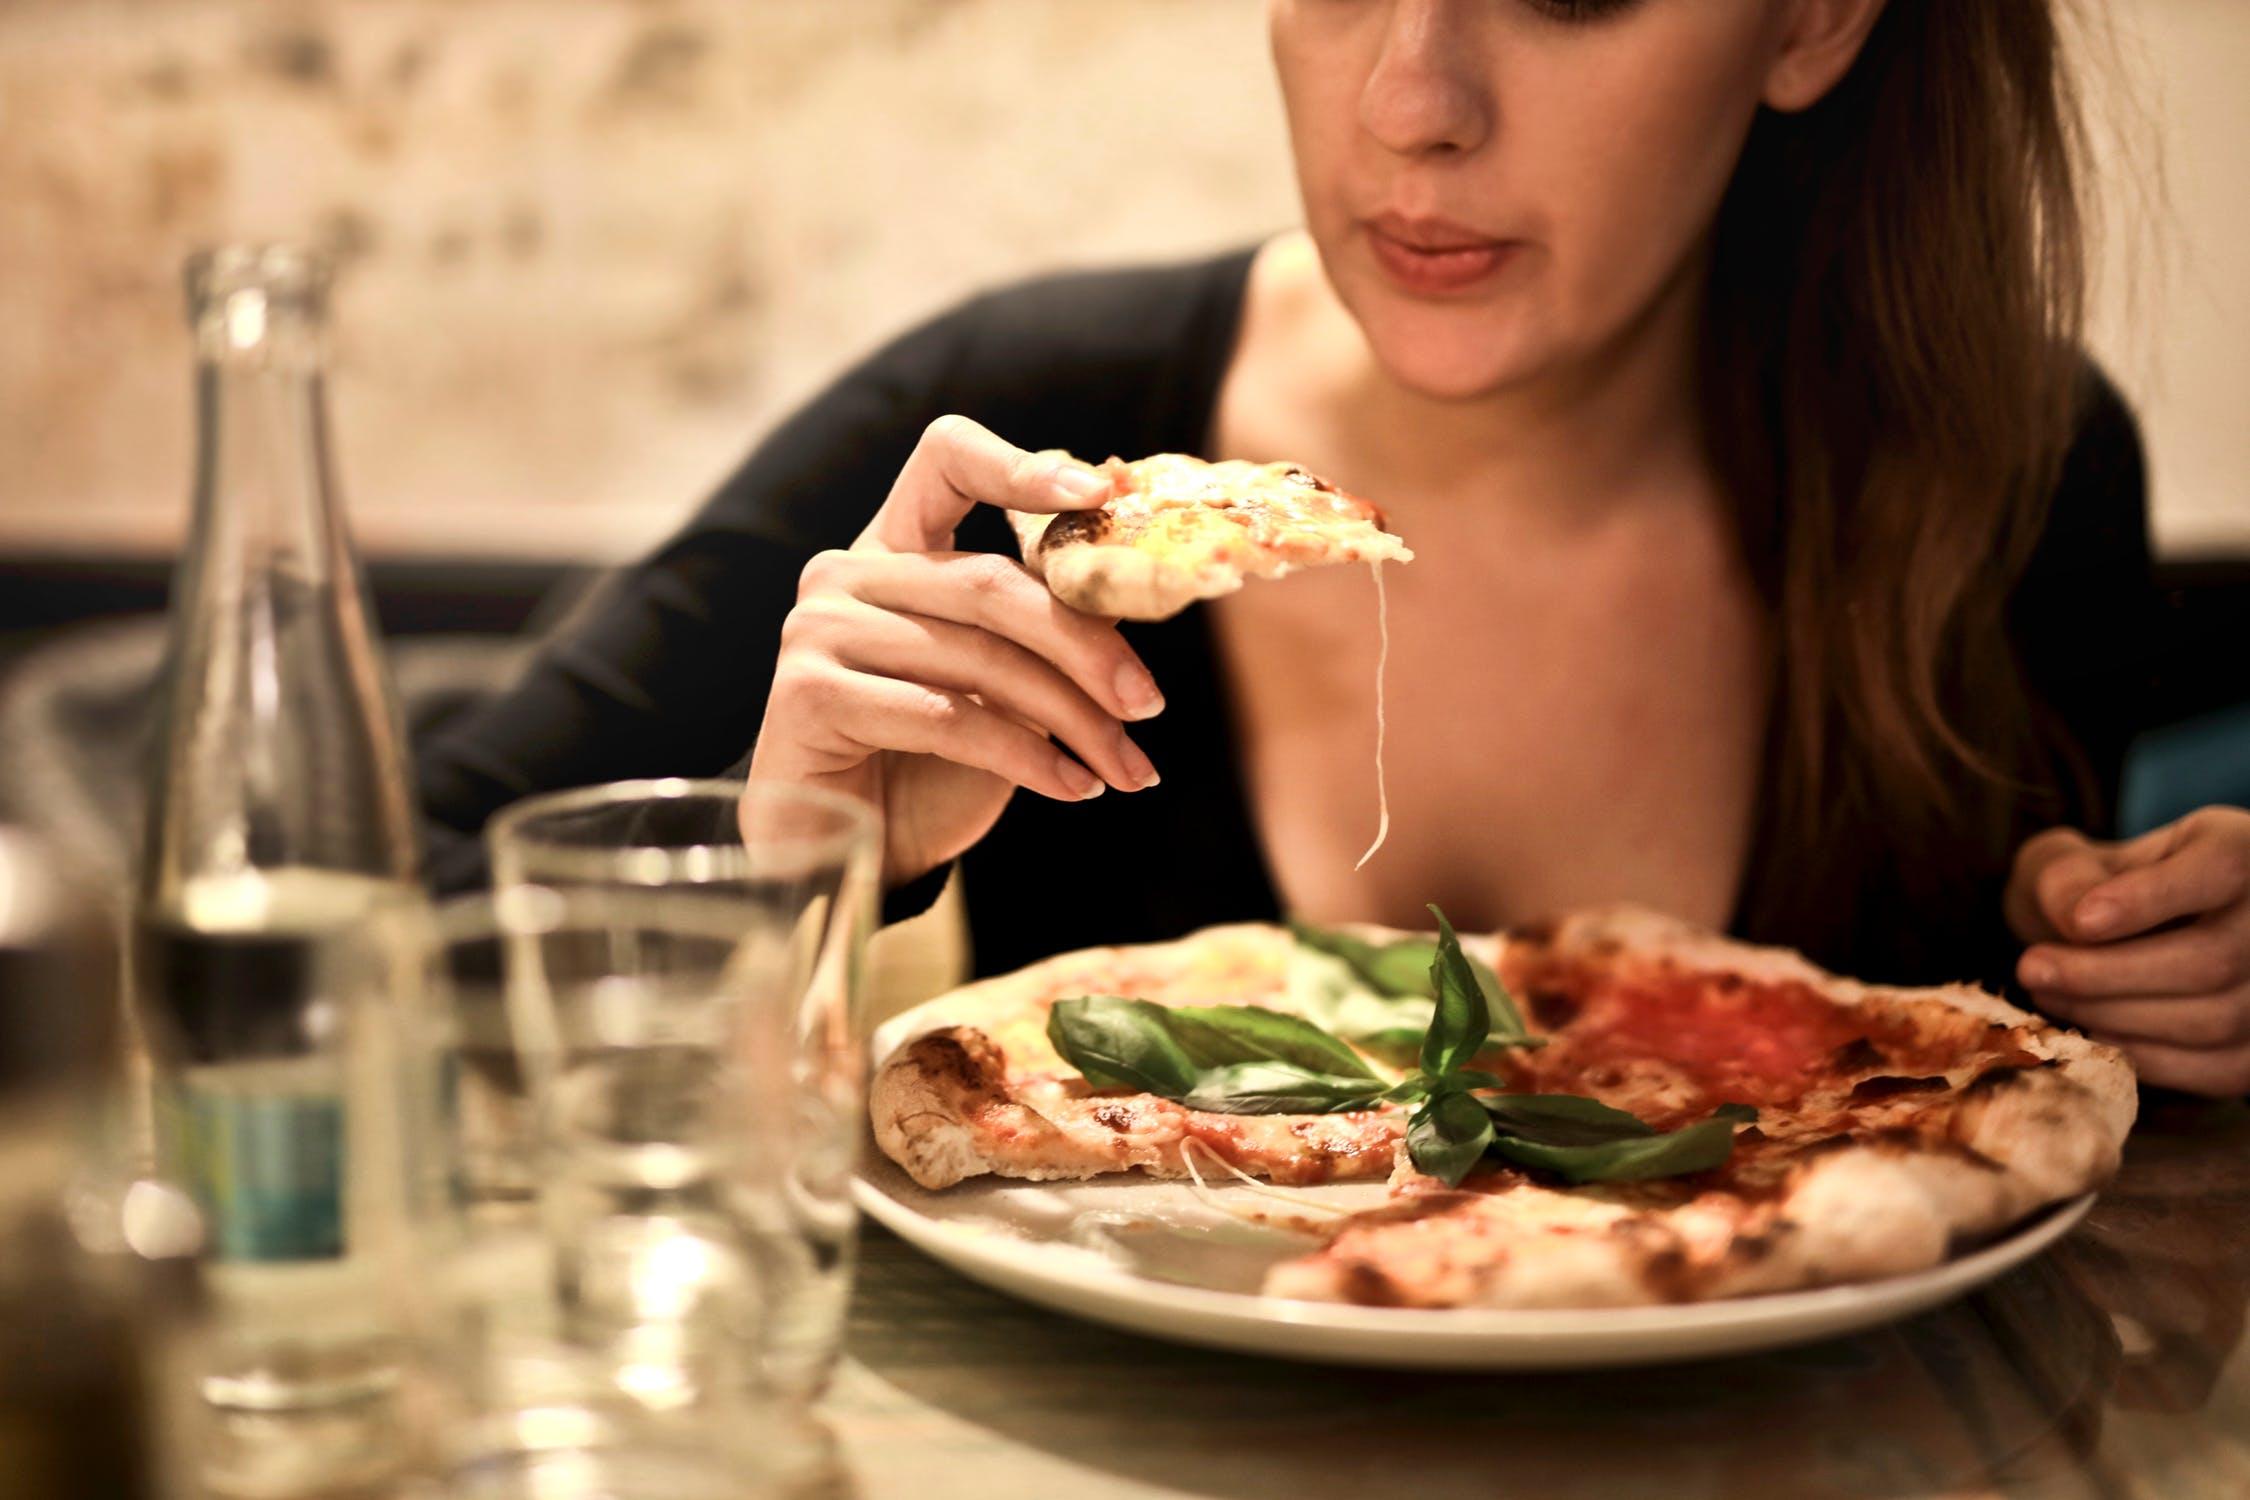 食事マナーで嫌われる女と好かれる女。アナタはどちら?